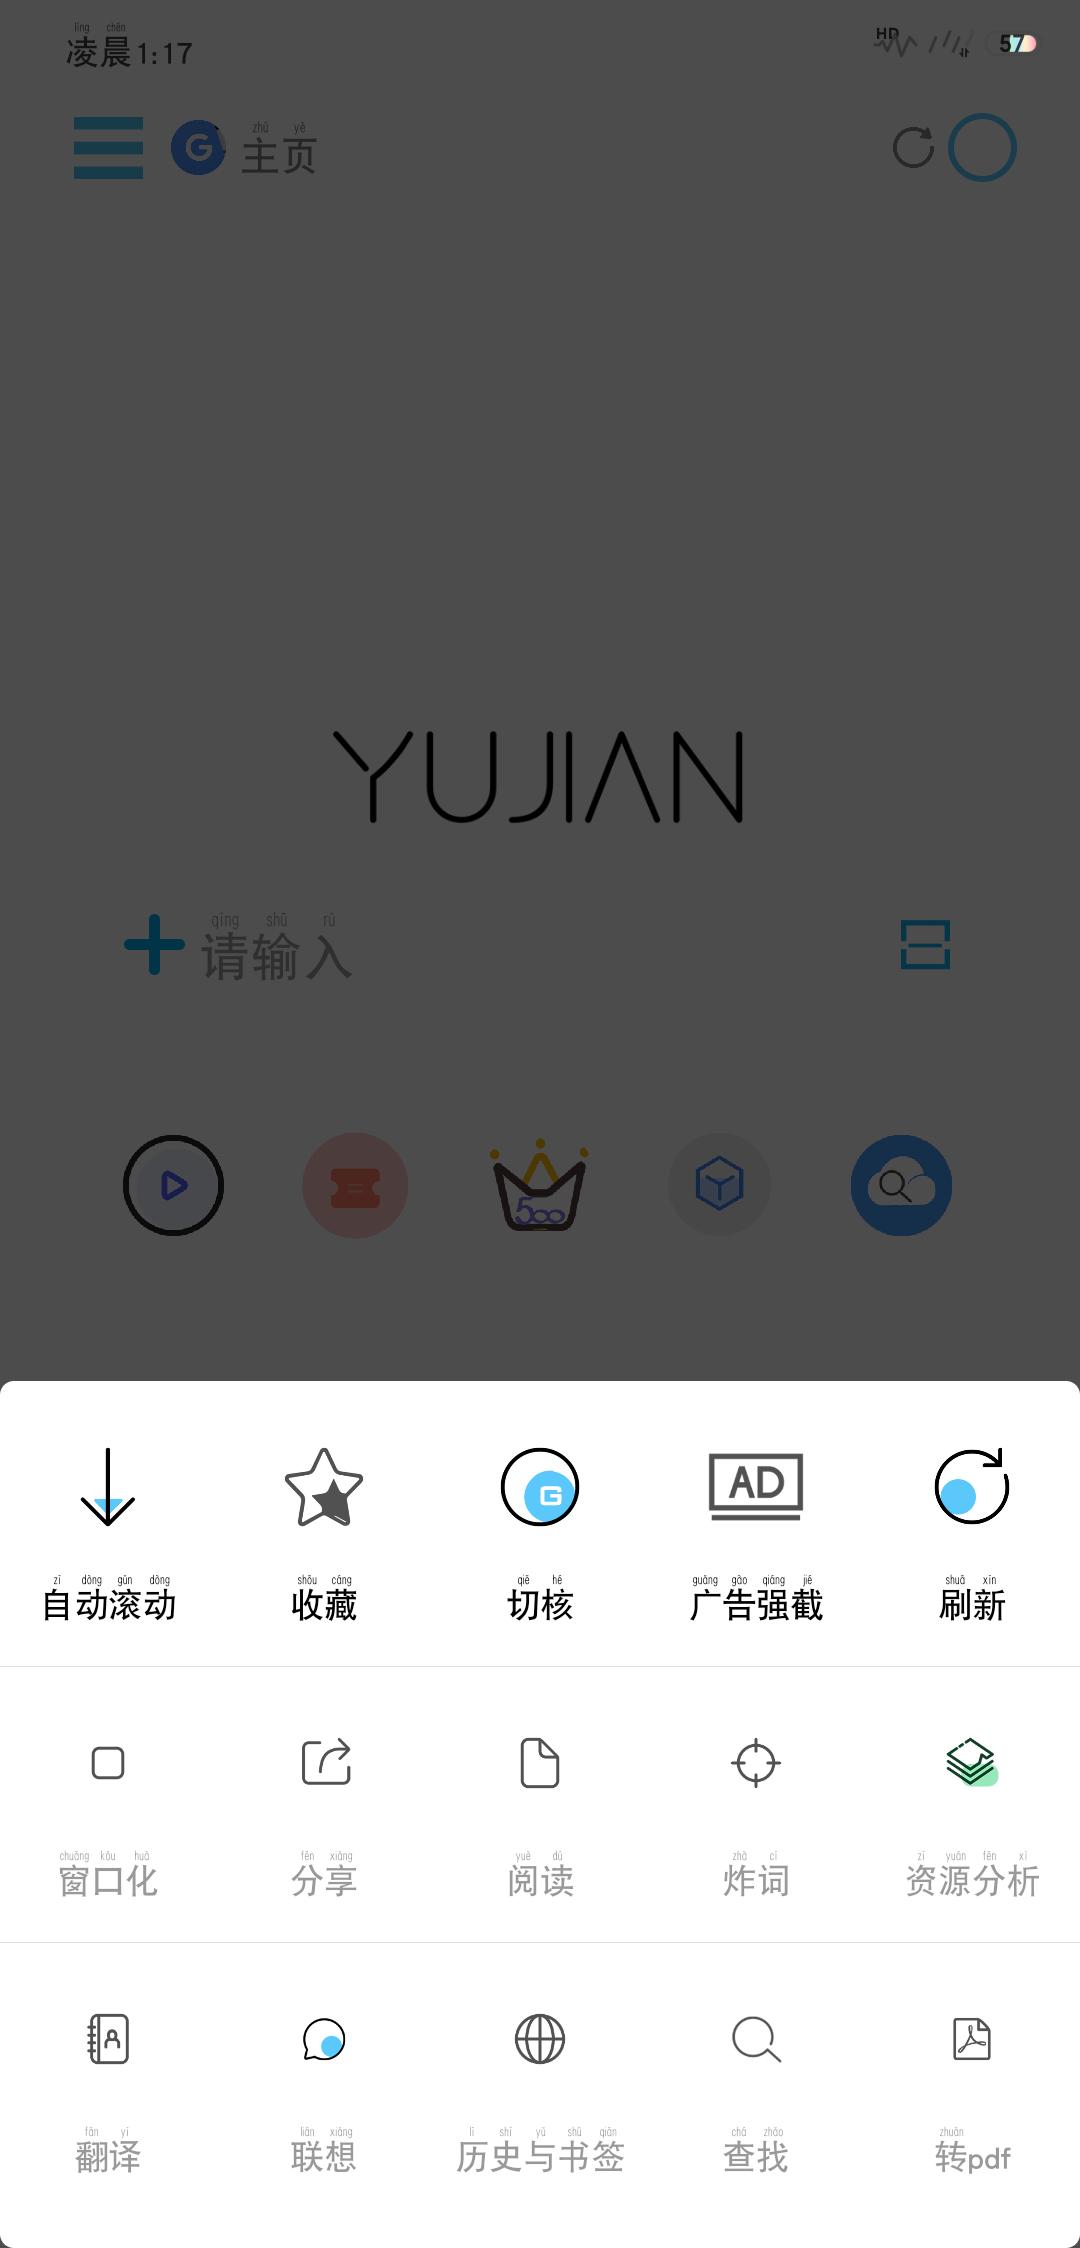 【分享】雨见浏览器5.2.6【多核切换】兼容适配极速畅快-爱小助